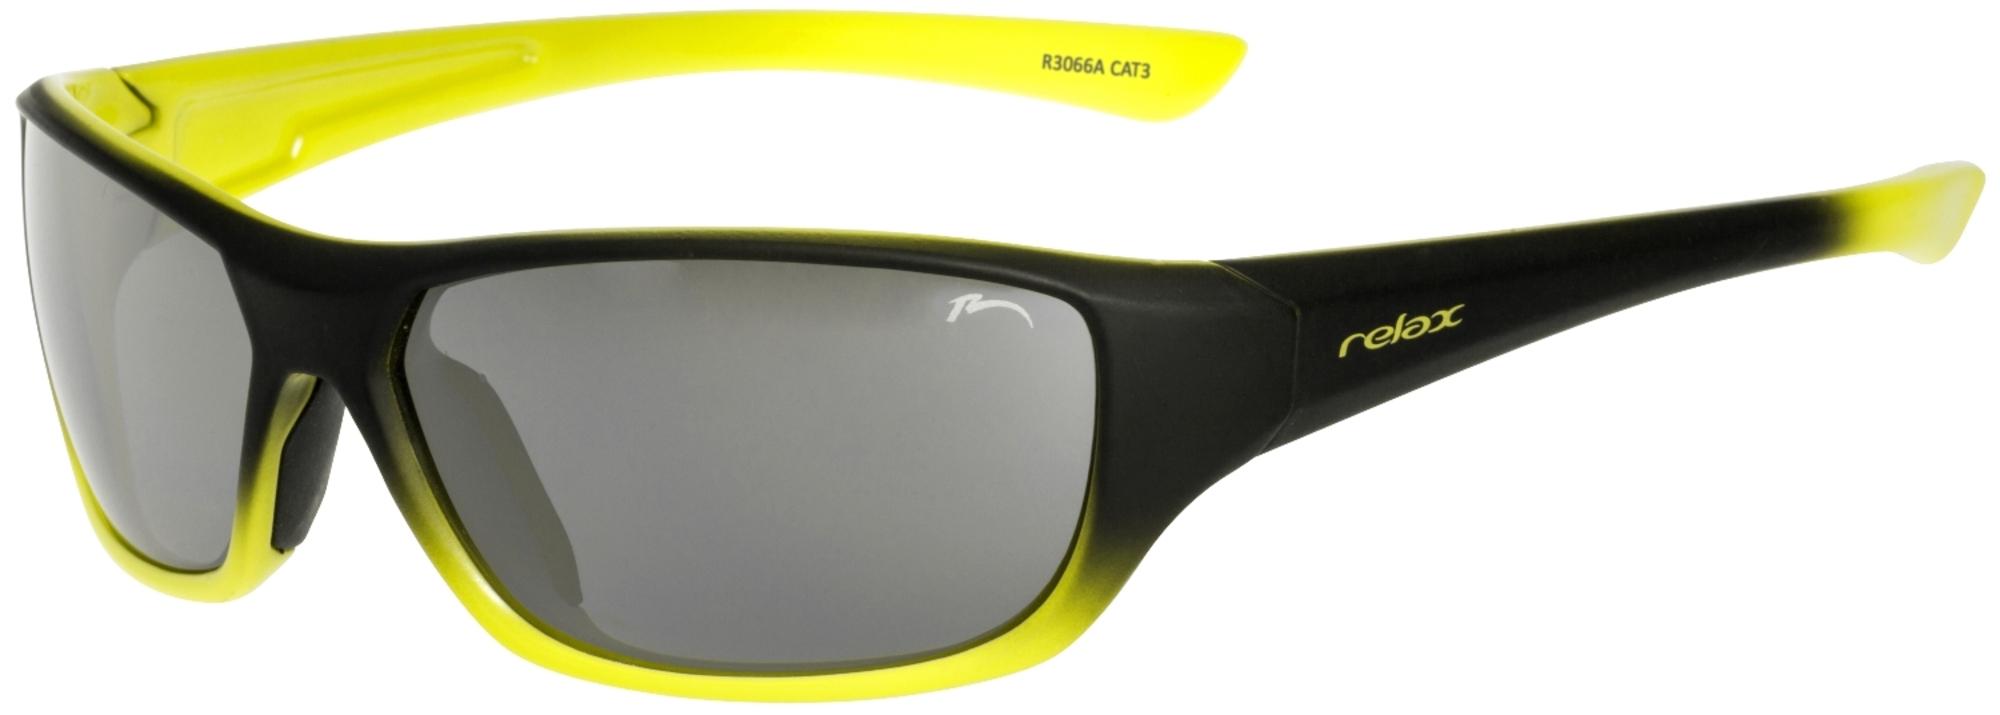 Relax Dětské sluneční brýle Mona R3066A